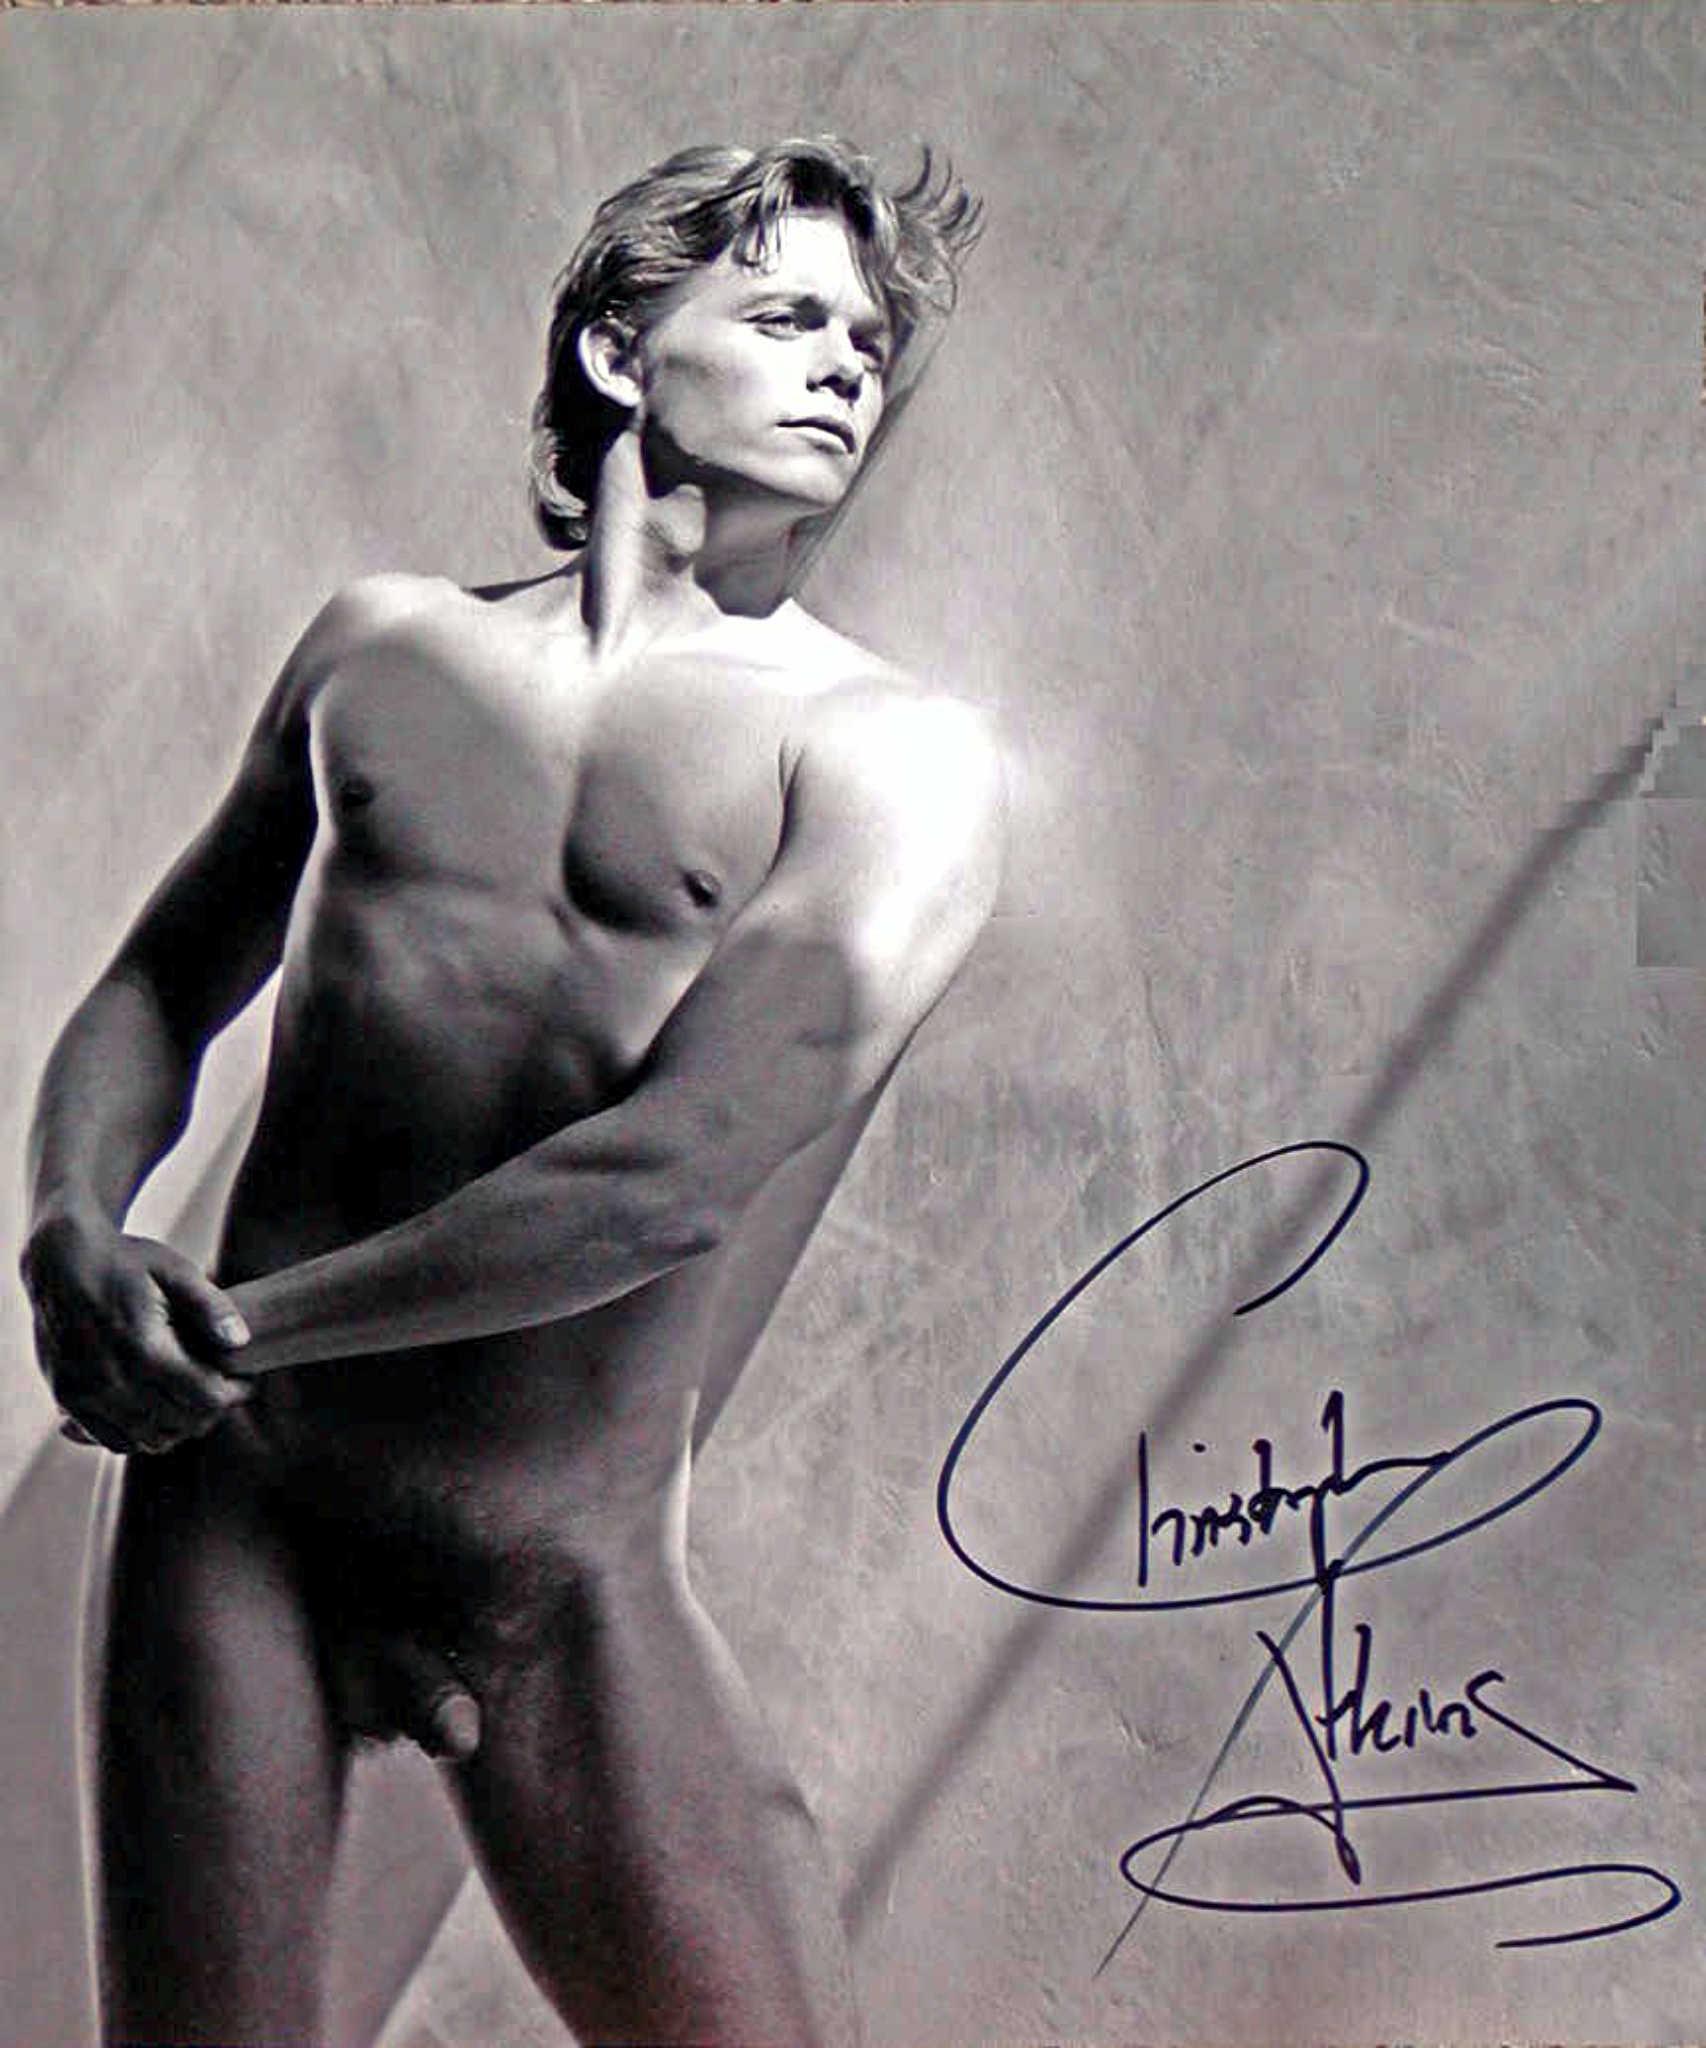 Christopher atkins nude